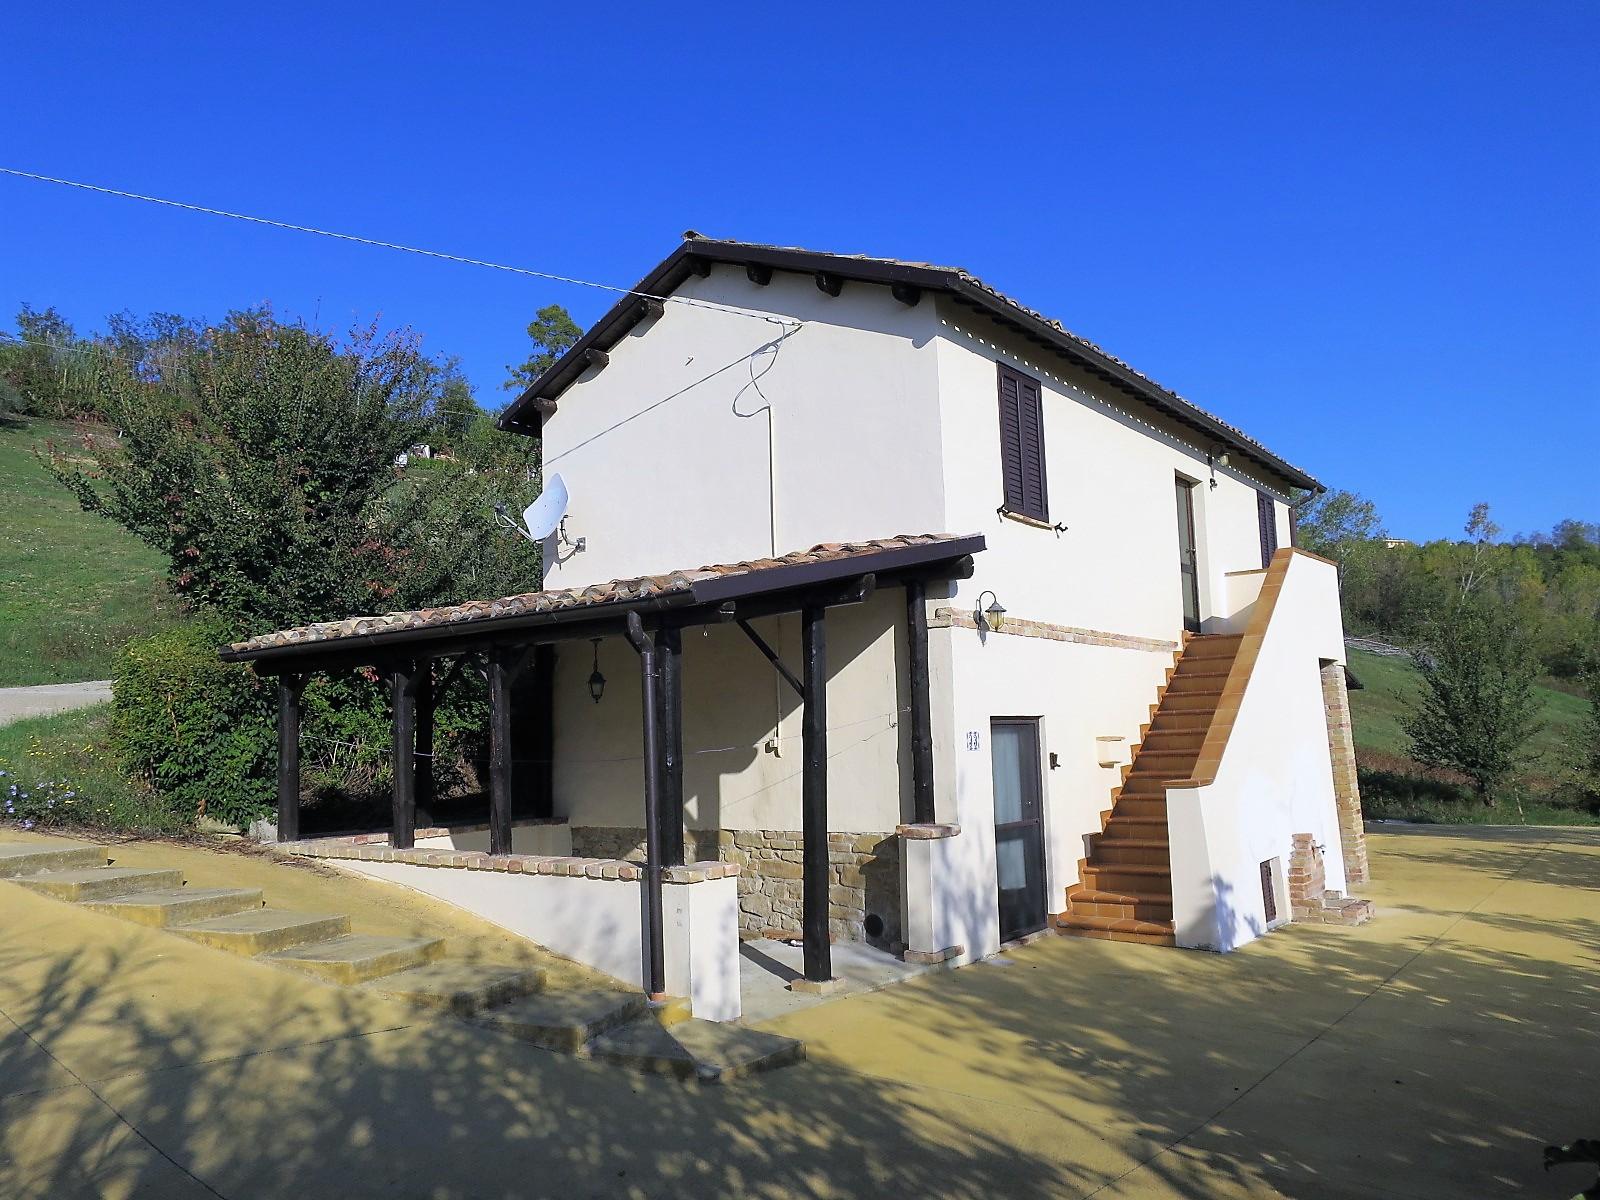 Casa di campagna Casa di campagna in vendita Montefino (TE), Casa Collina - Montefino - EUR 151.447 10